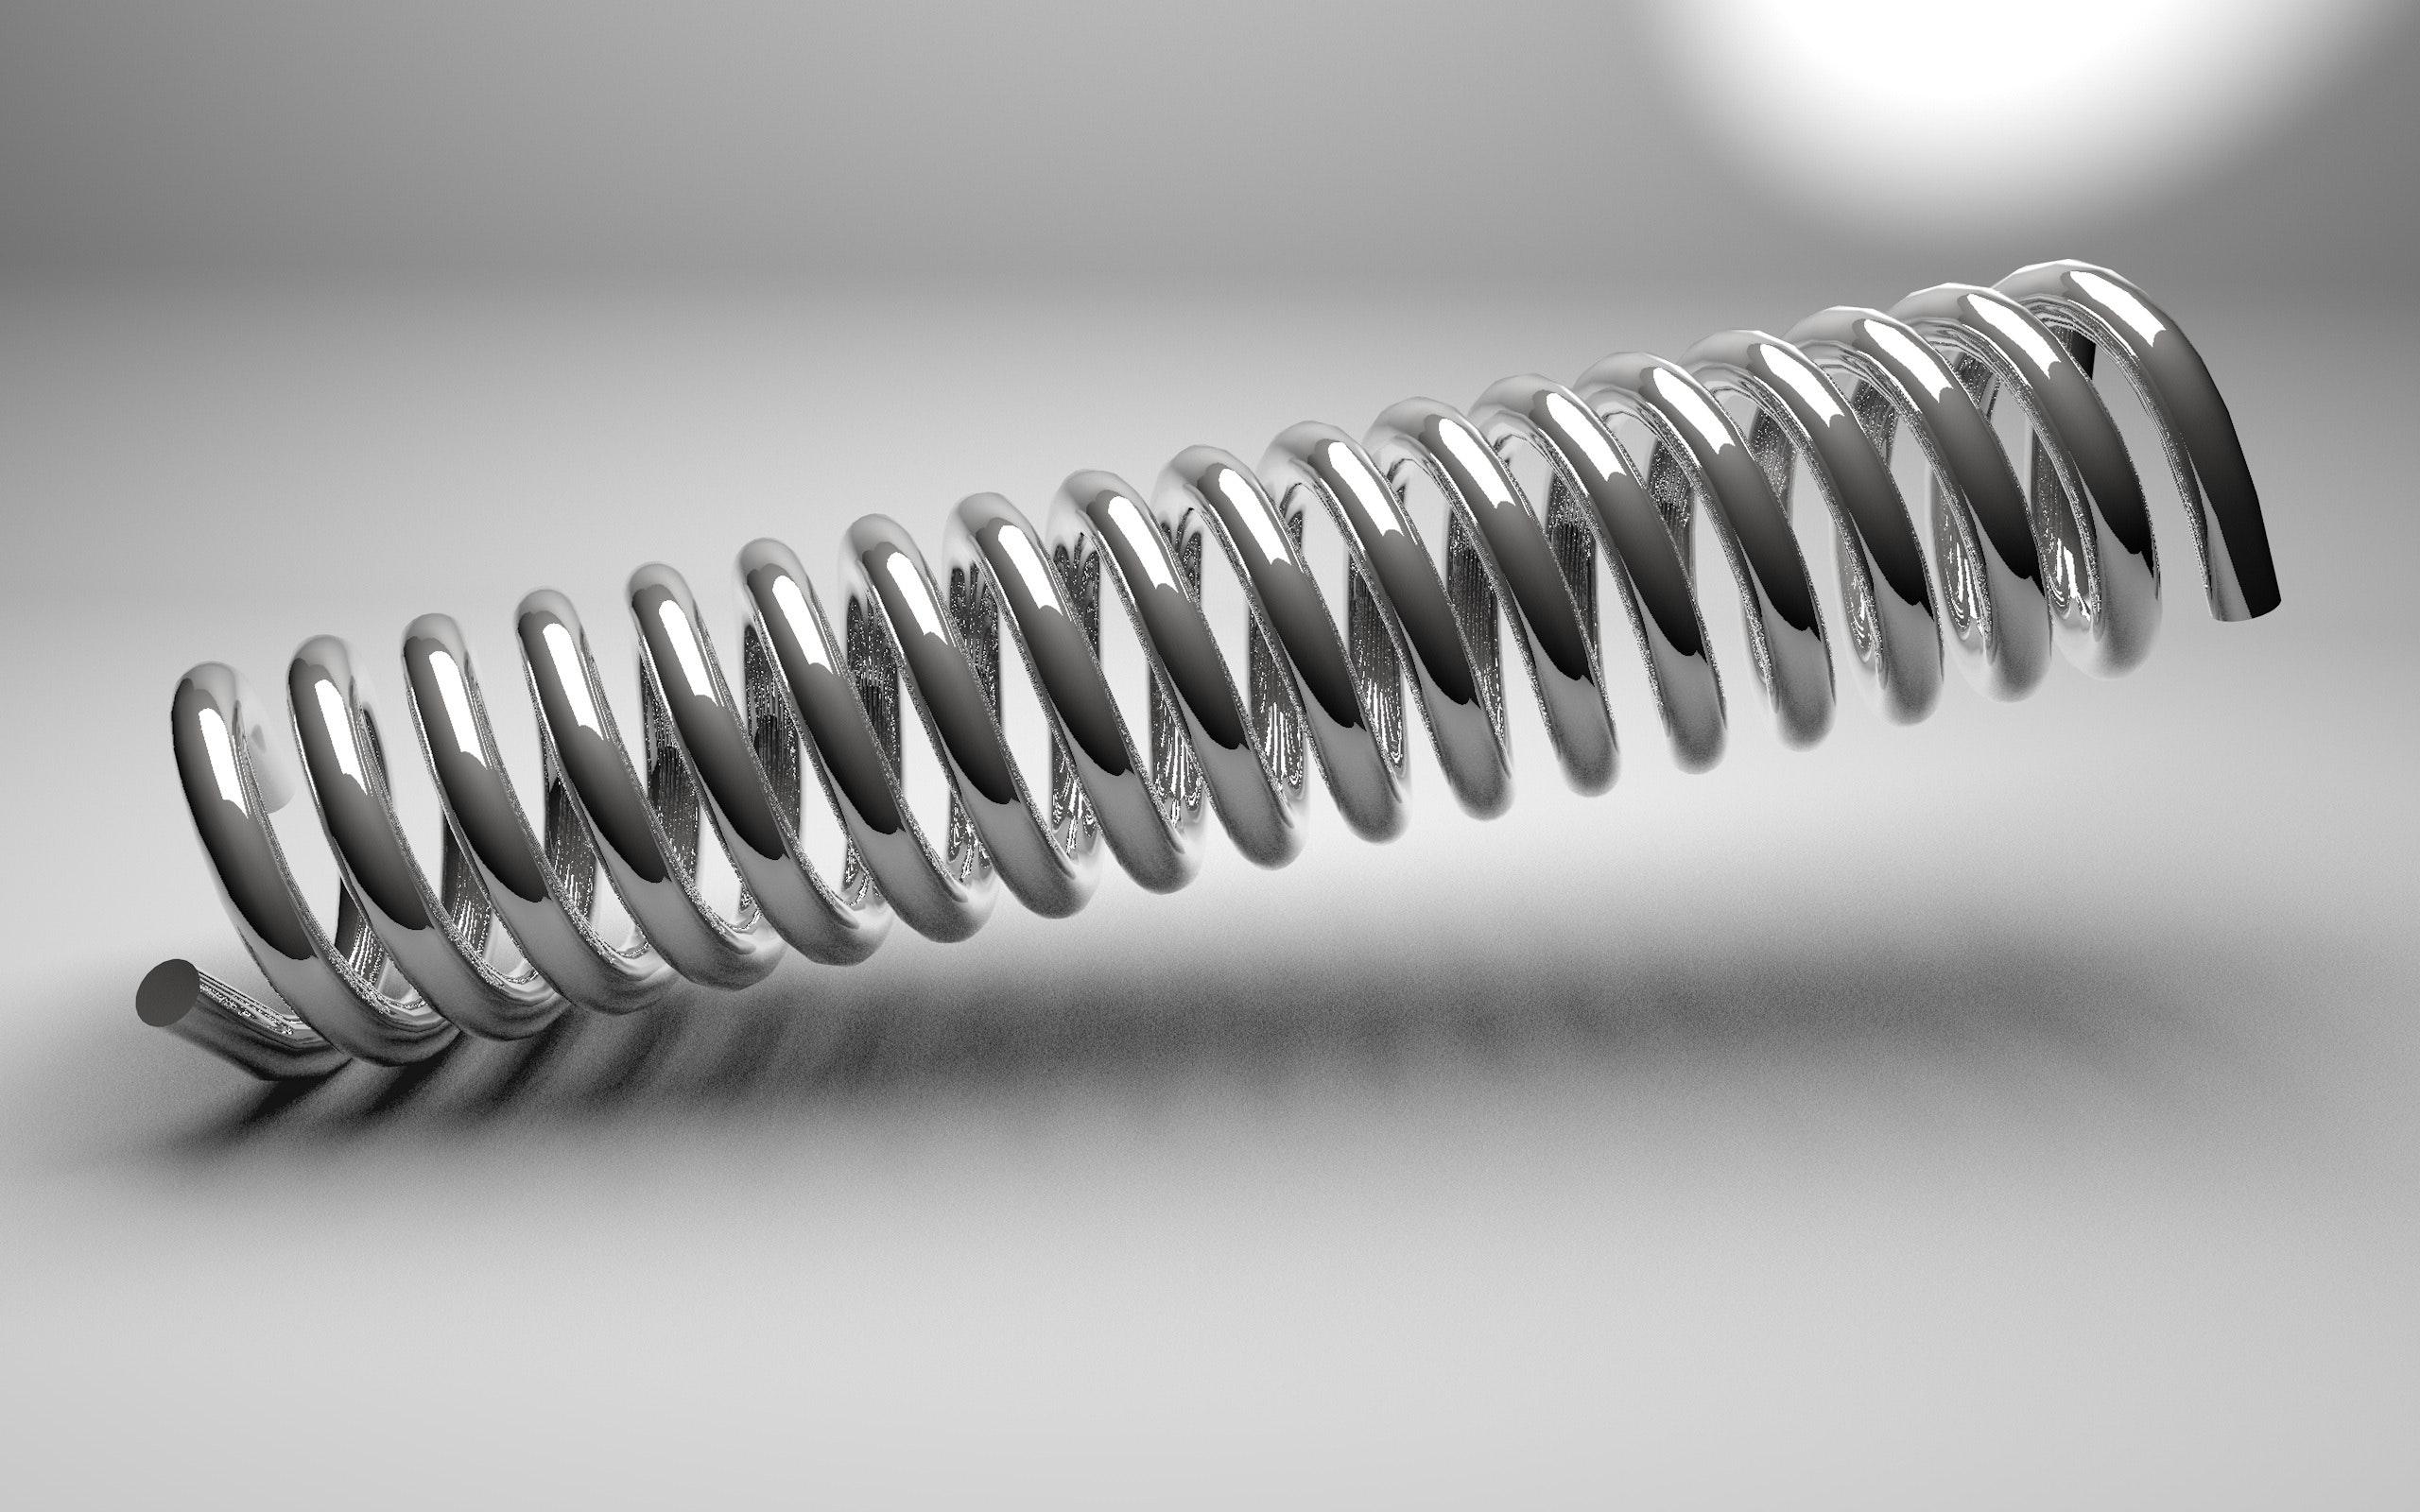 Close-up of metal photo